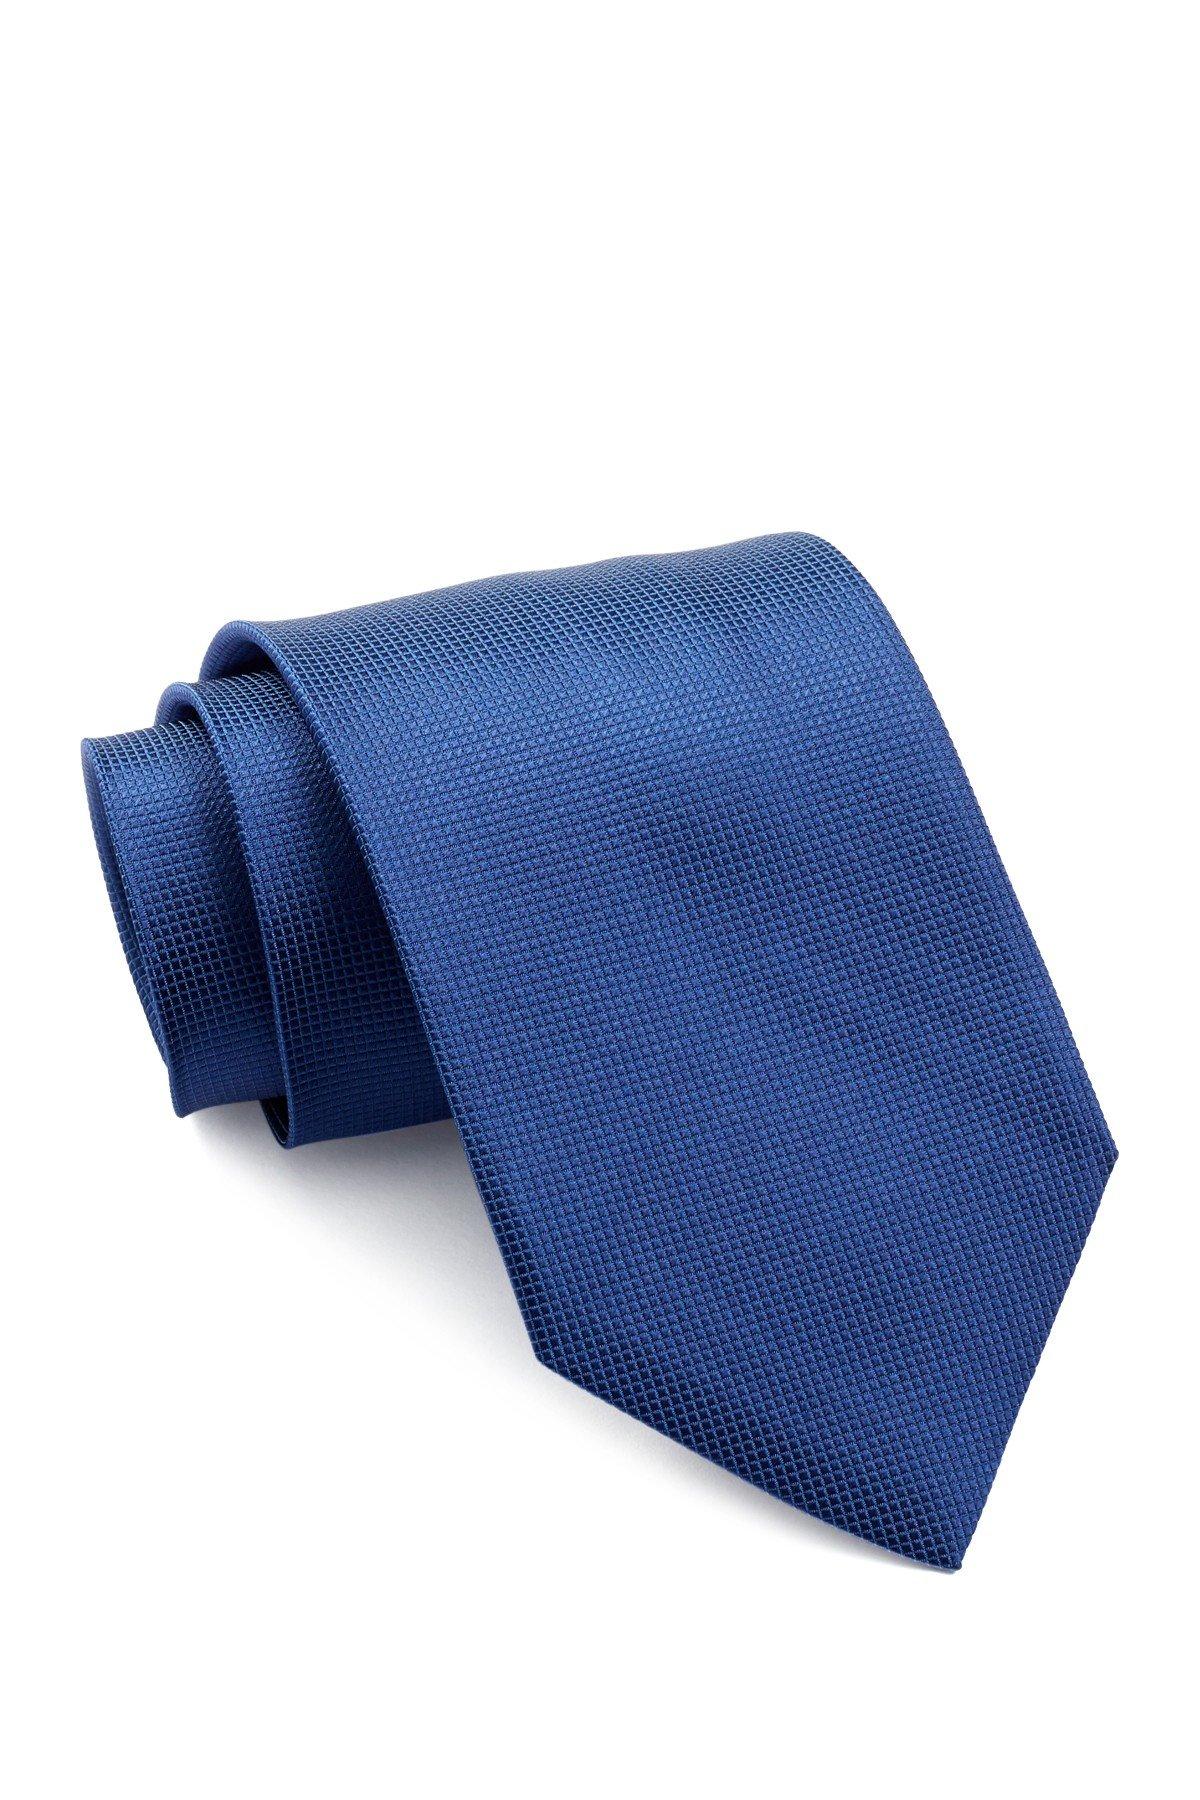 Boss Hugo Boss Micro Check Italian Silk Tie, Med Blue 50242433